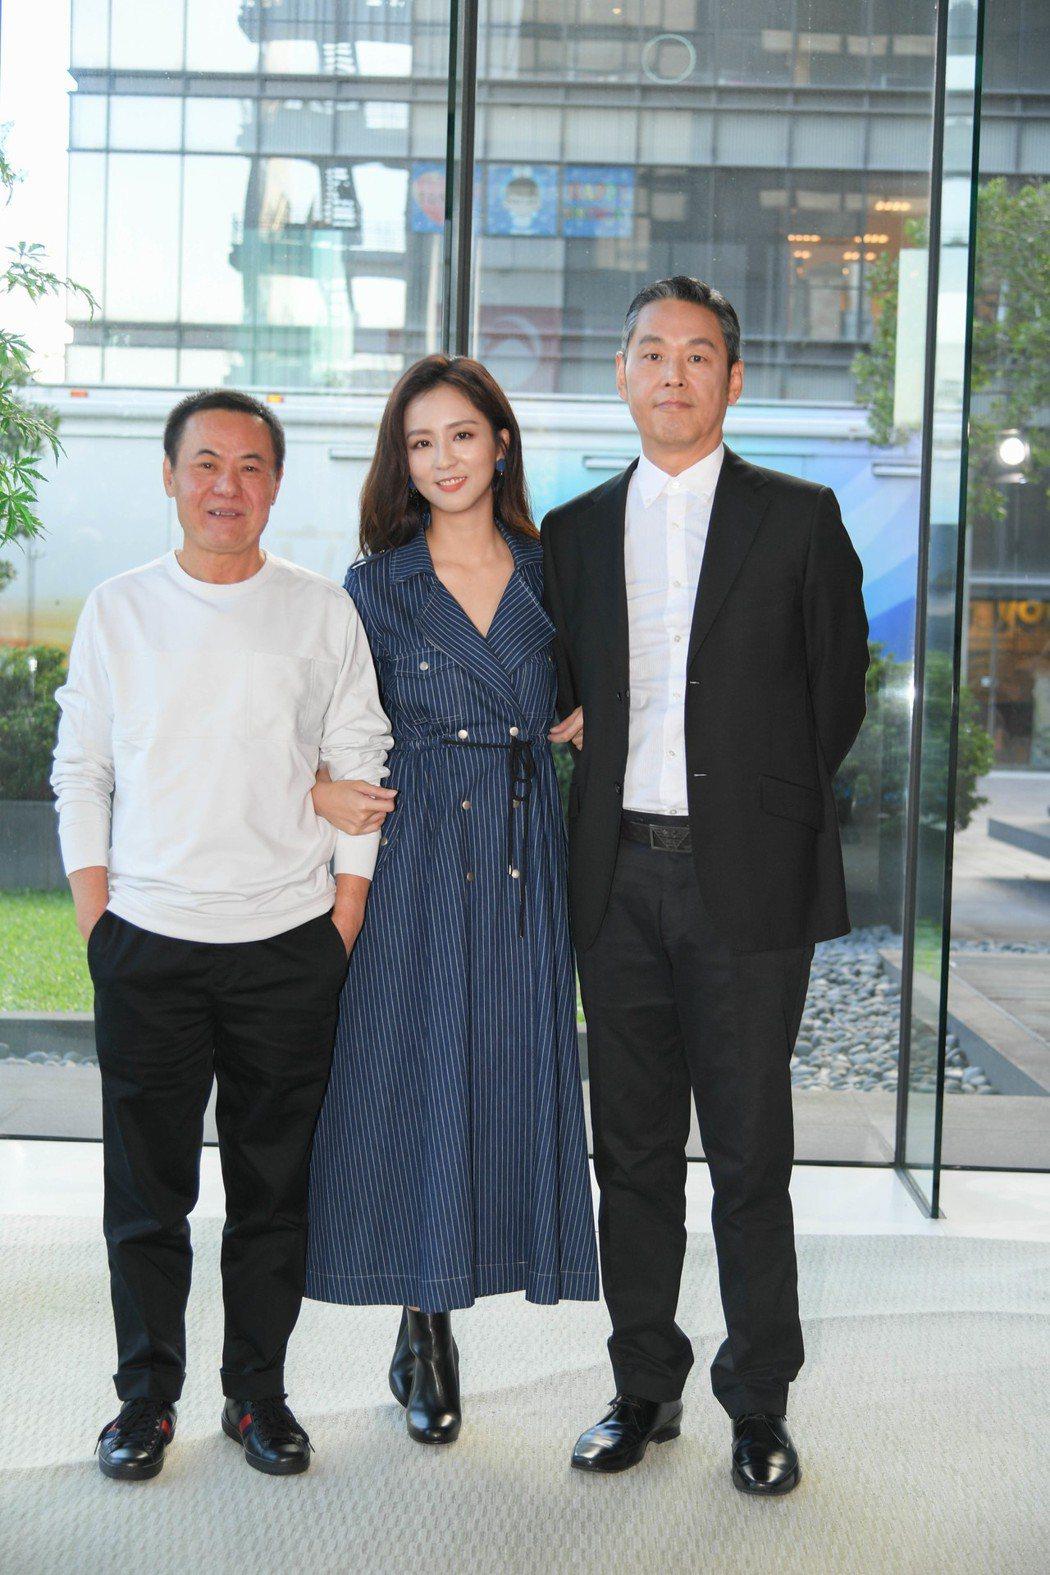 周曉涵(中)和戲中爸爸蔡振南(左)及真實生活中的爸爸一起合照。圖/三立提供